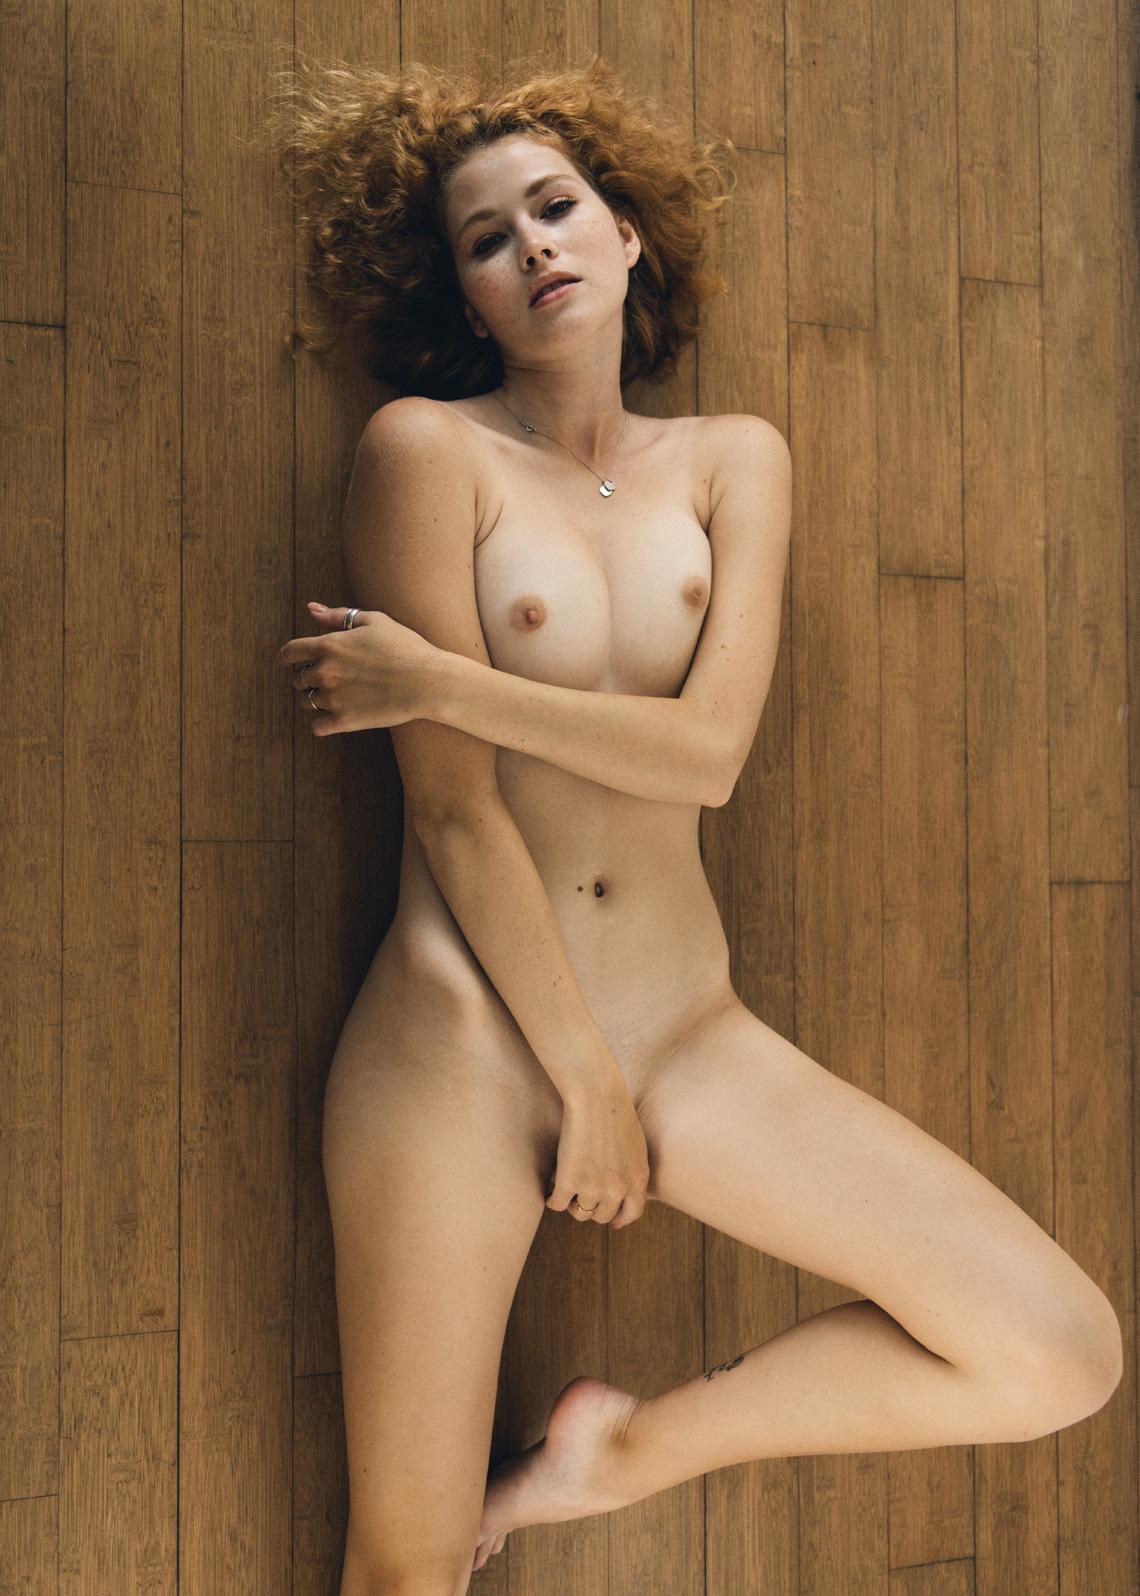 Heidi Rom - Vlad Neri photoshoot